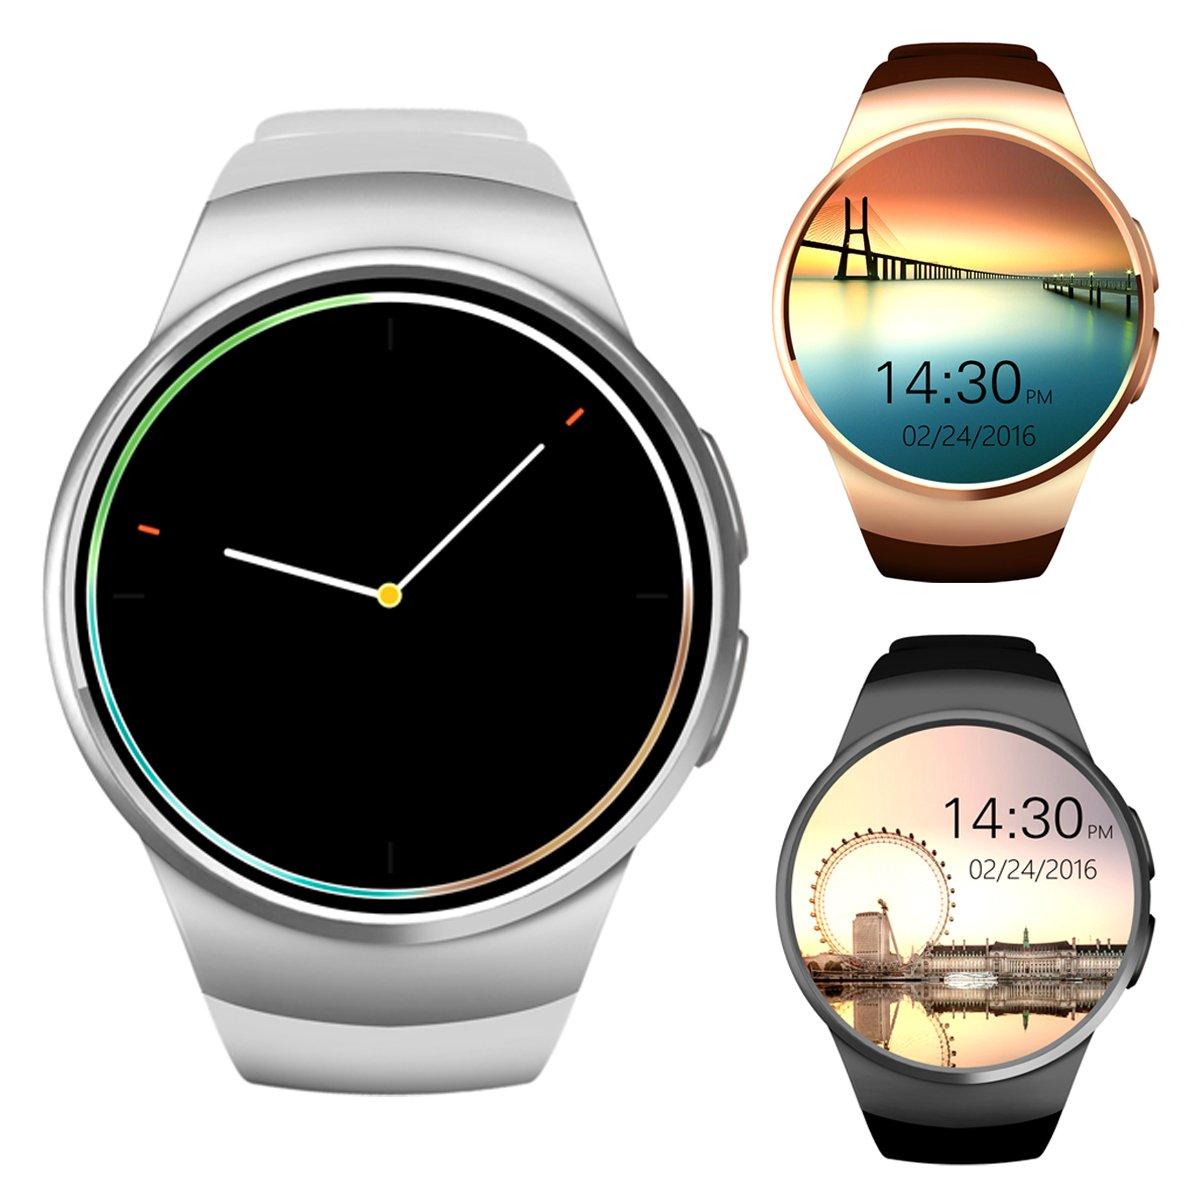 Bluetooth Smart reloj teléfono, Ronda de 1,3 pulgadas IPS pantalla táctil resistente al agua reloj teléfono con tarjeta SIM/TF tarjeta, monitor de sueño, ...